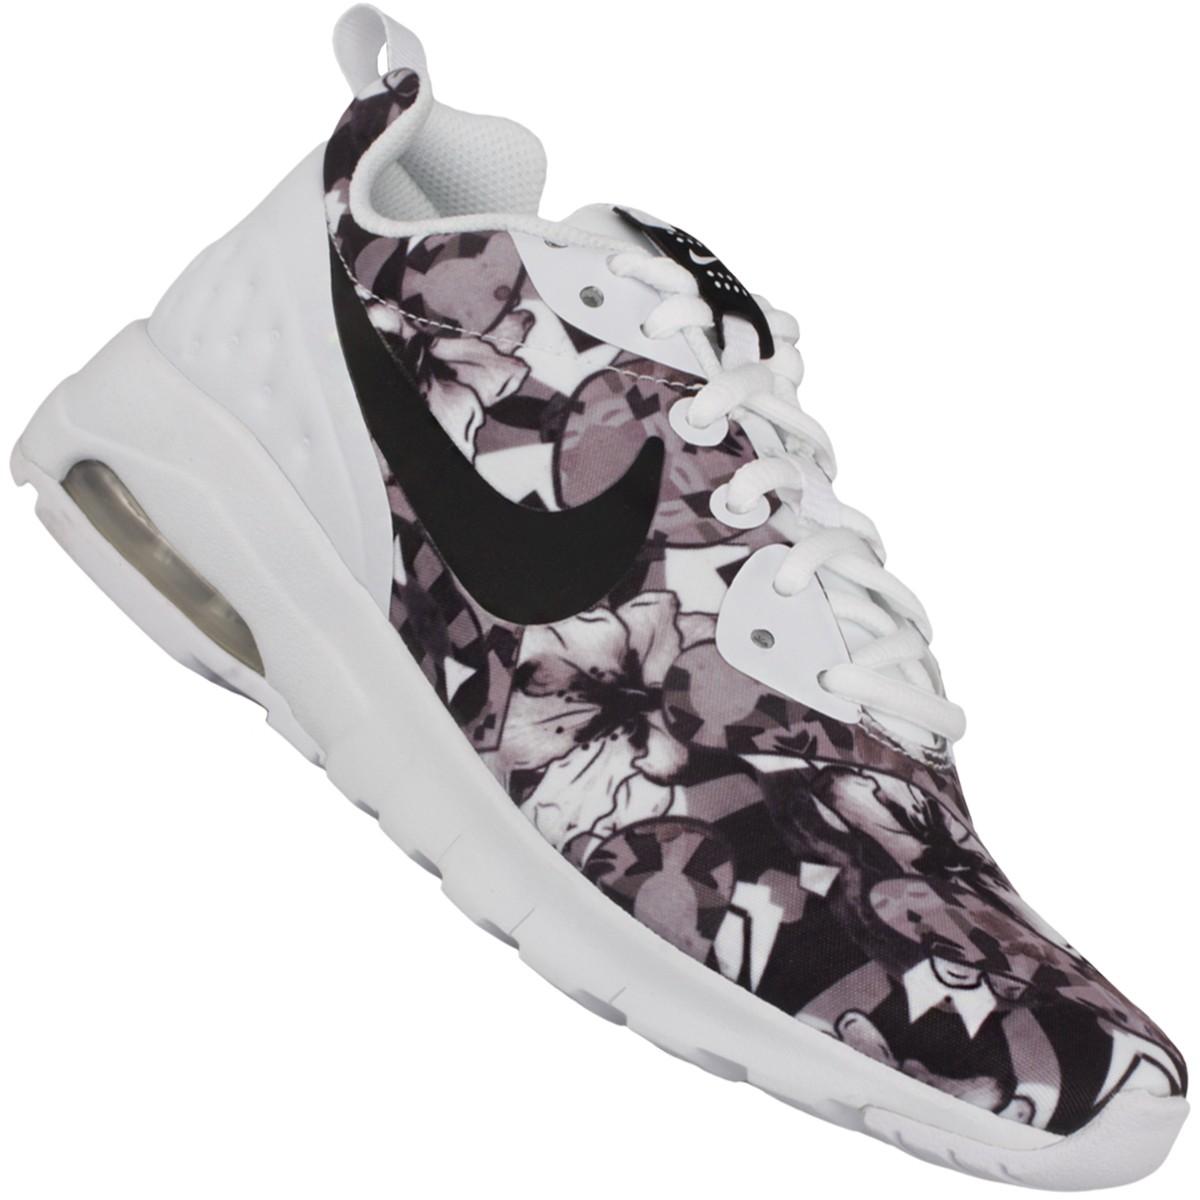 e42aafcd2 Tênis Nike Wmns Air Max Motion Lw Print